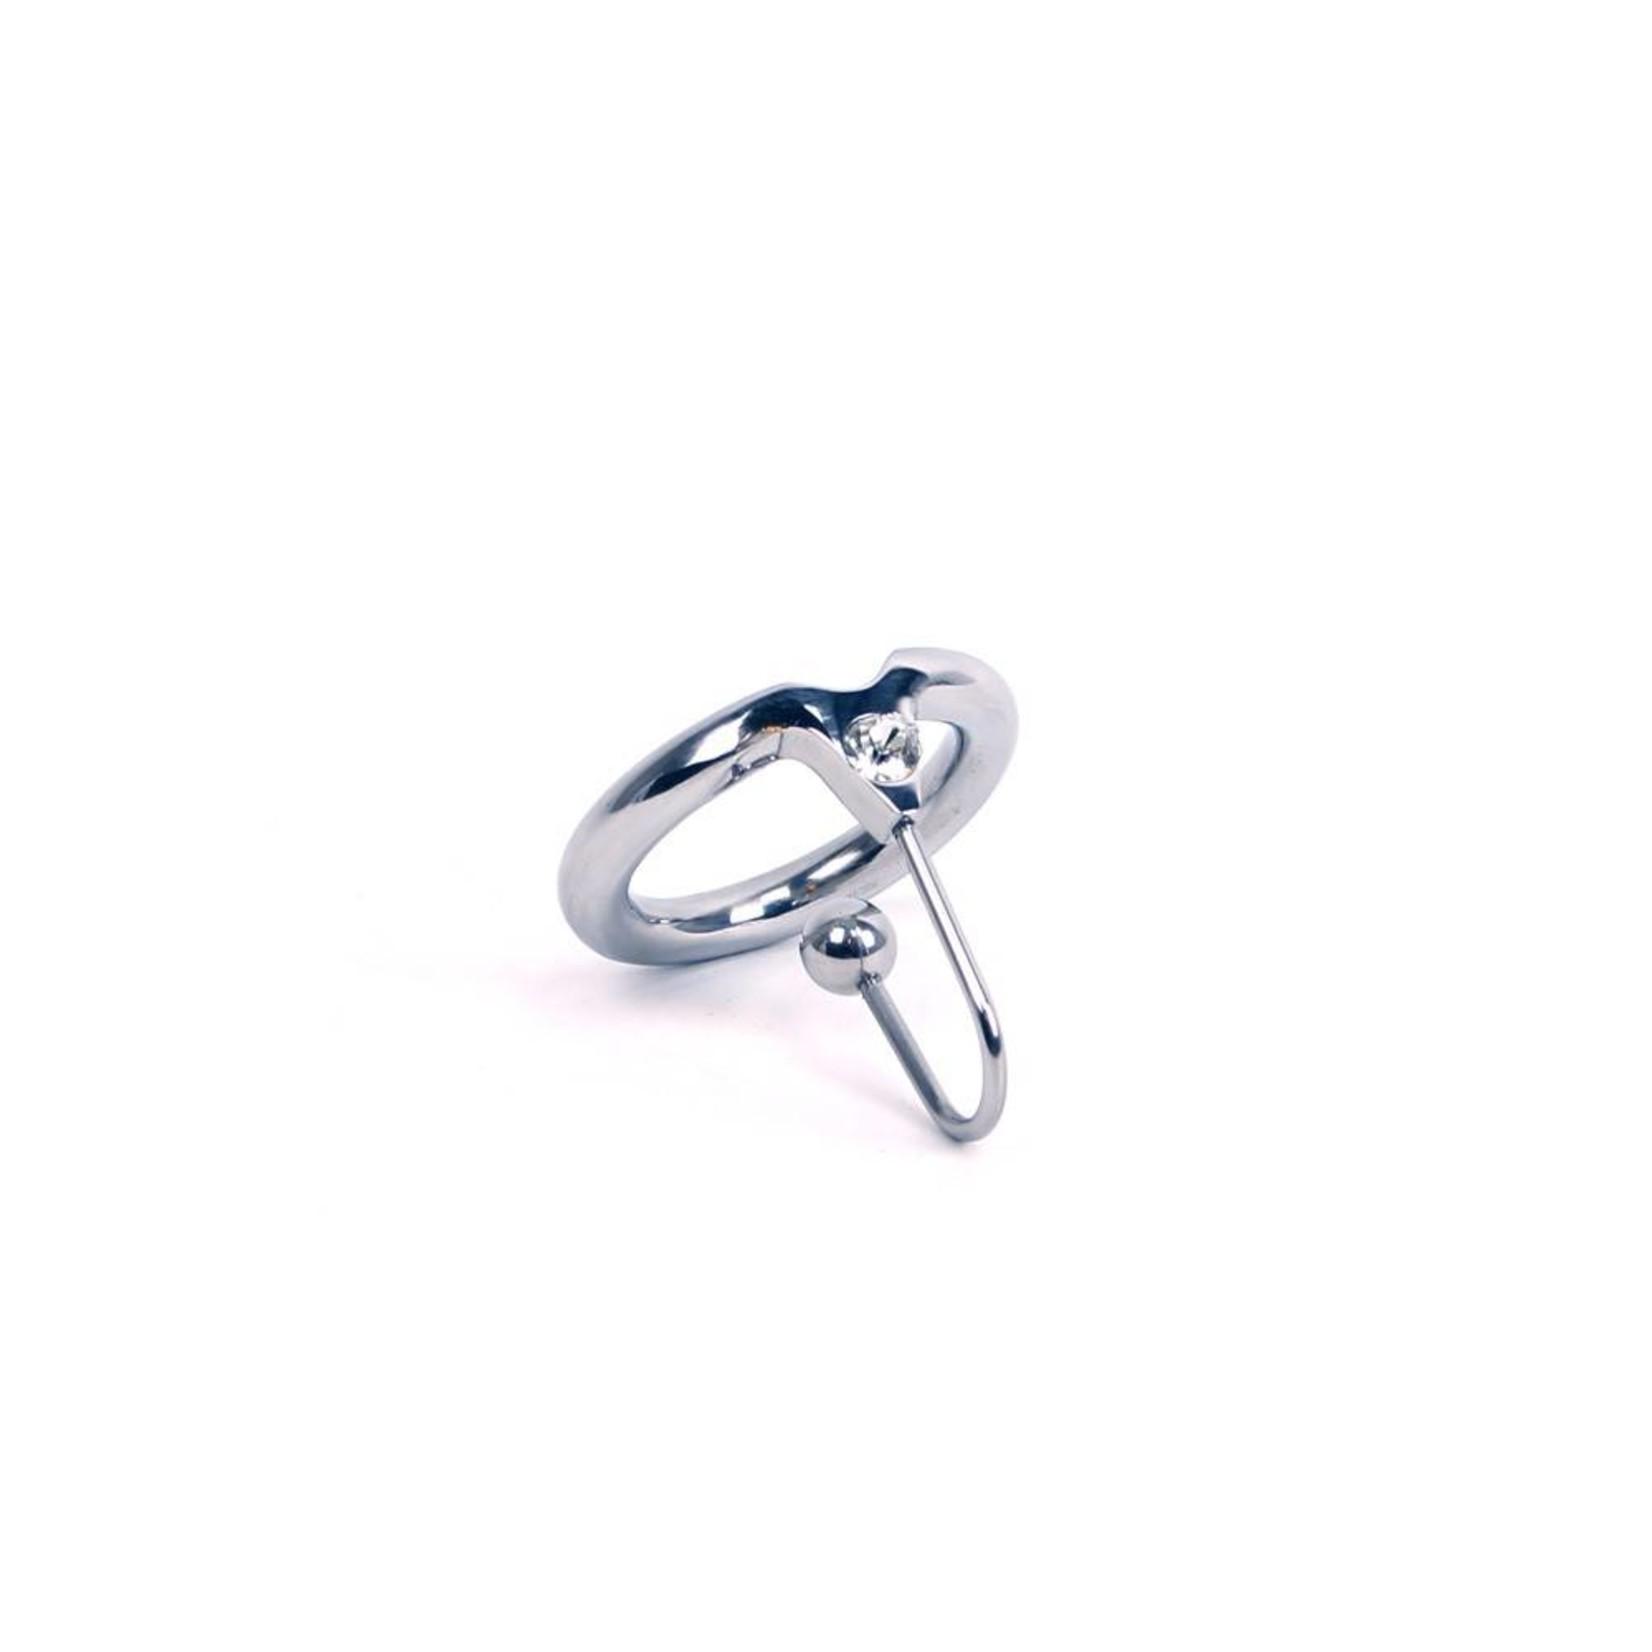 KIOTOS Steel Fancy Gem Spermstopper - 25mm